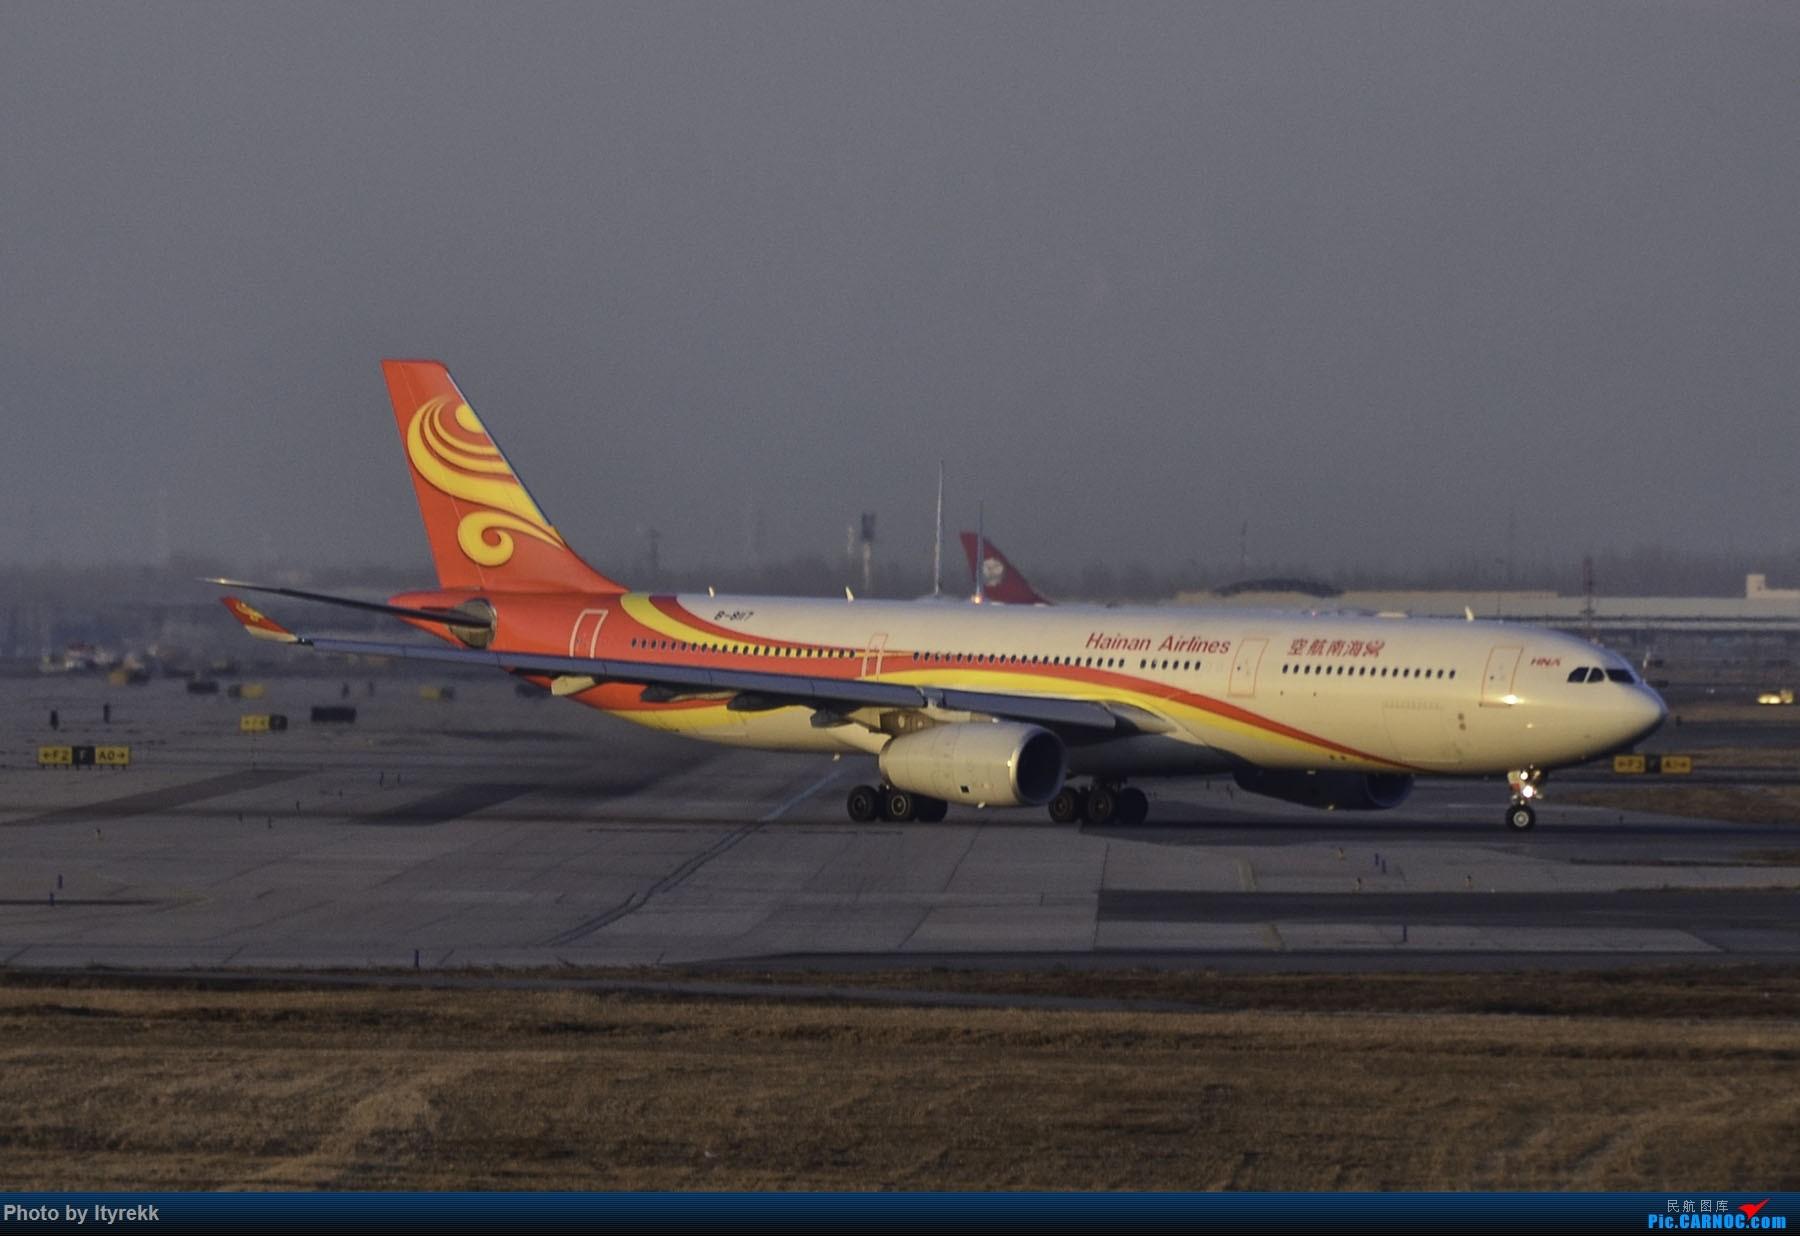 Re:[原创]PEK一日游 收获厦航首架789 B-1566等 AIRBUS A330-300 B-8117 中国北京首都国际机场